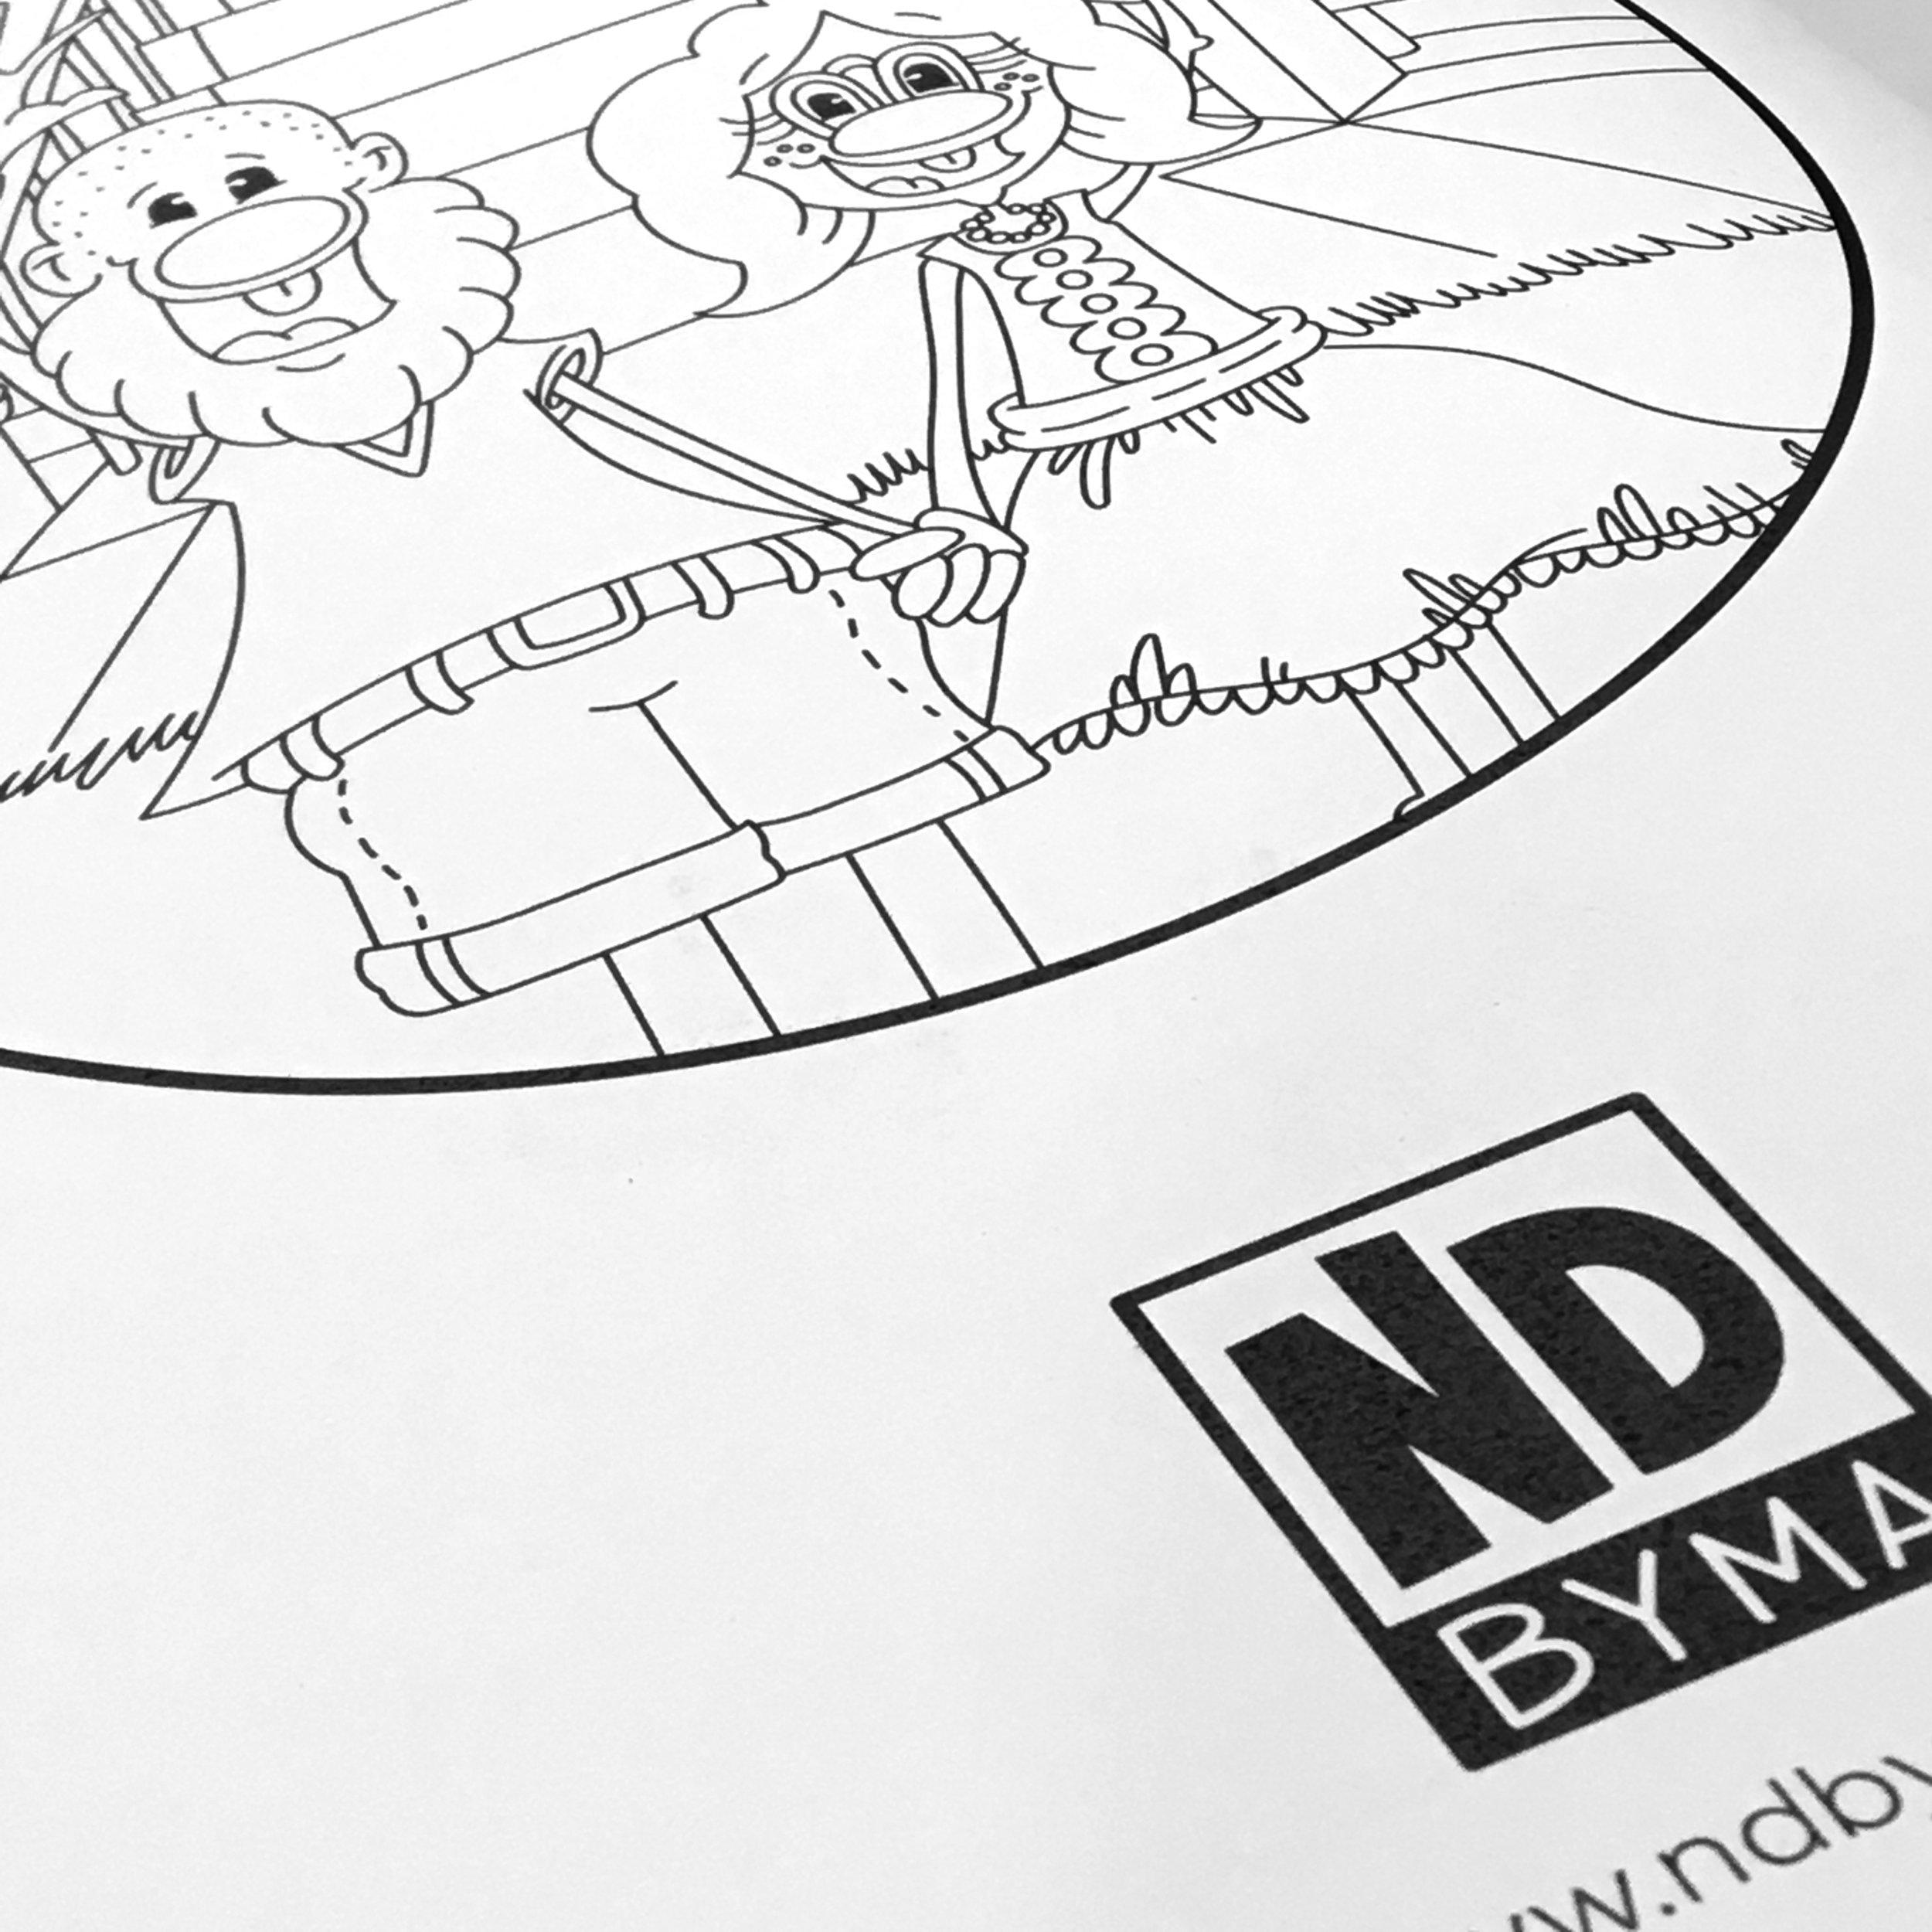 ND_ColoringBook_Snapshots_15.JPG